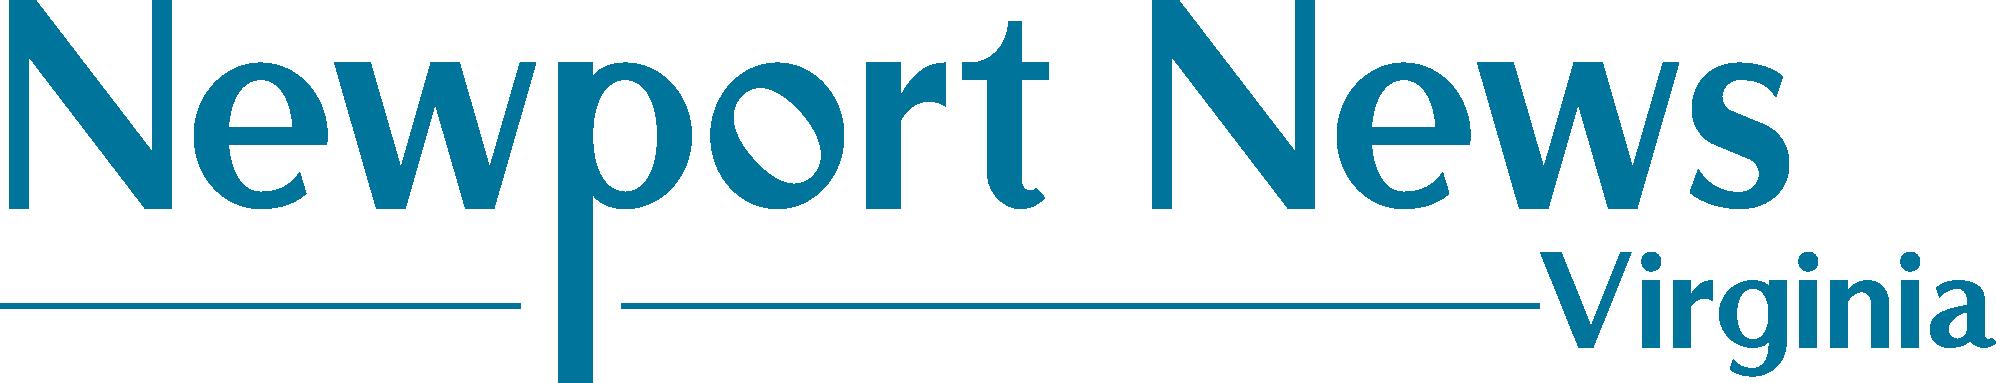 NNT_Logo_2018_7468_Blue.png